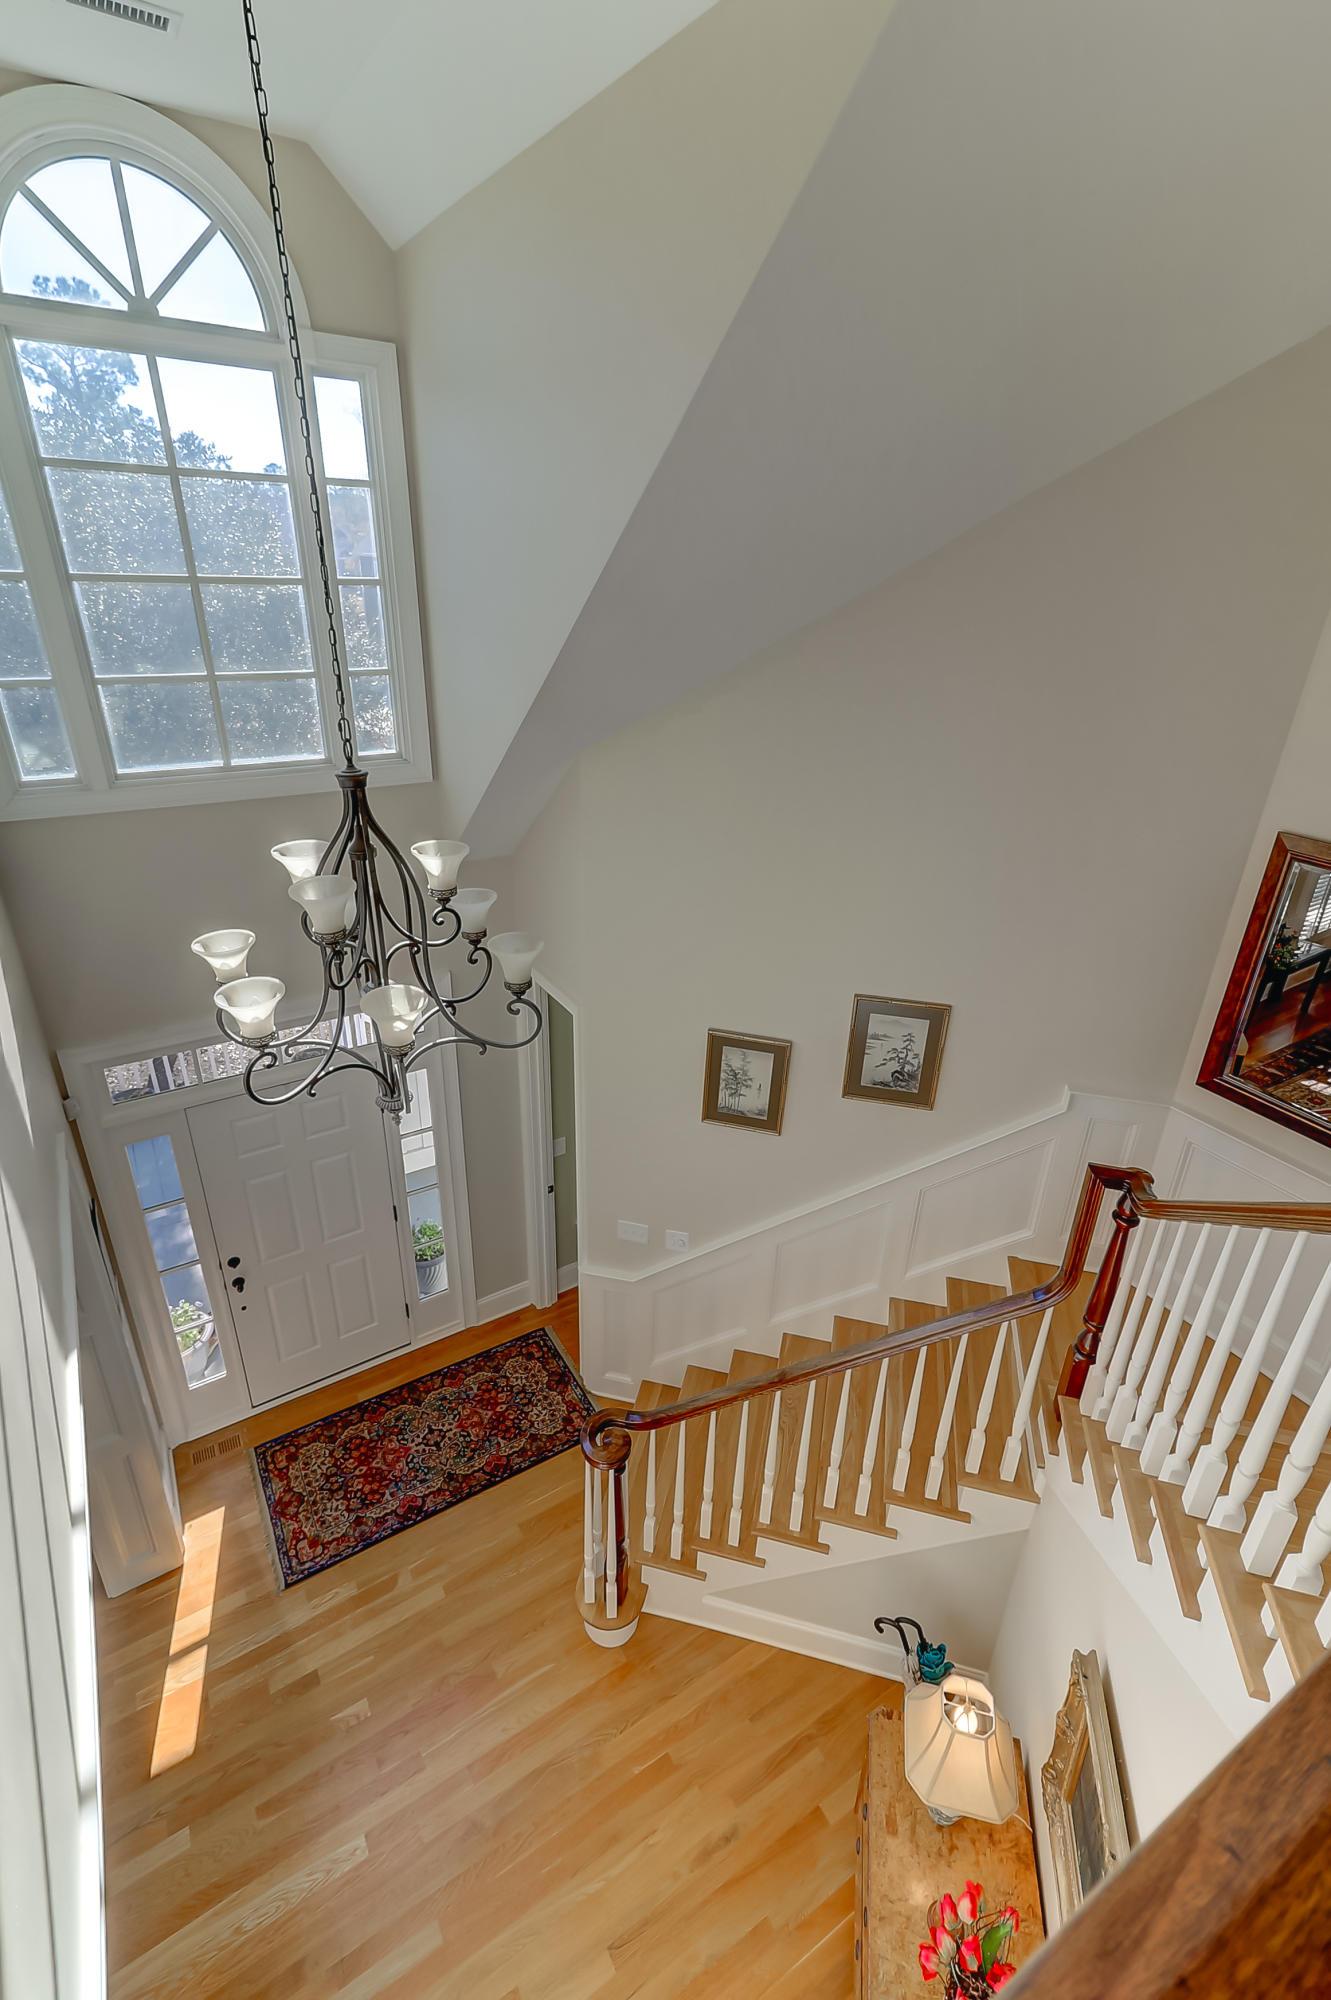 Dunes West Homes For Sale - 2781 Oak Manor, Mount Pleasant, SC - 25